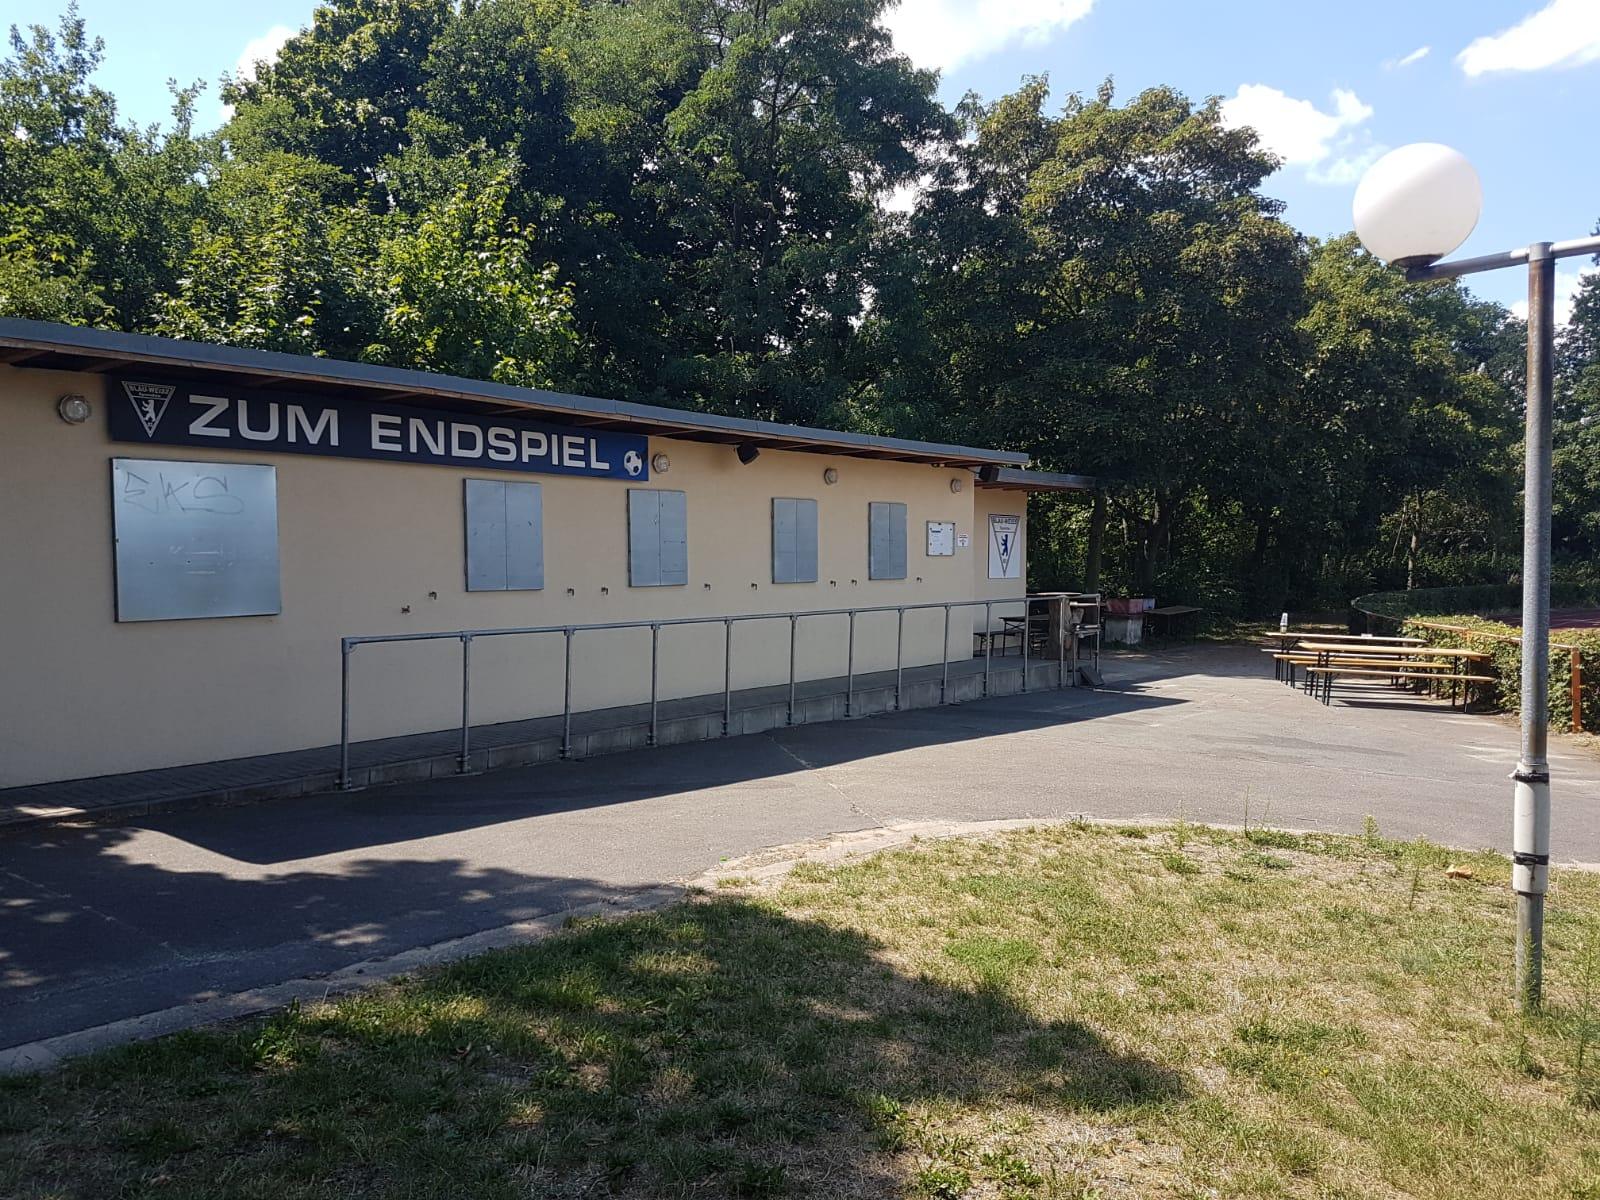 Vereinsheim - Zum Endspiel